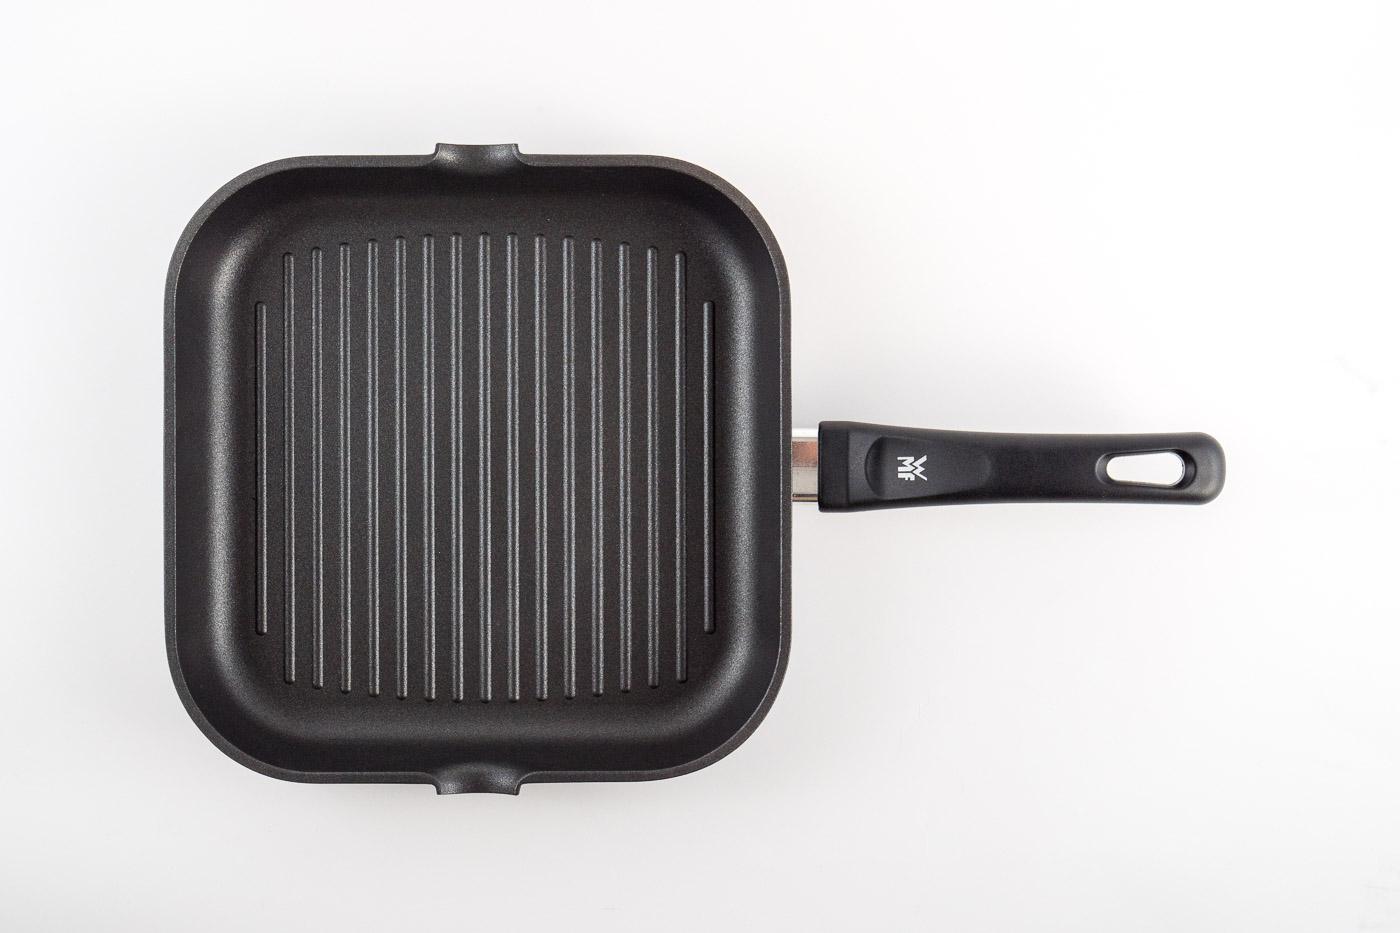 Wmf Elektrogrill Test : Grillpfanne test 2018: rauchige grillaromen auch ohne holzkohlegrill